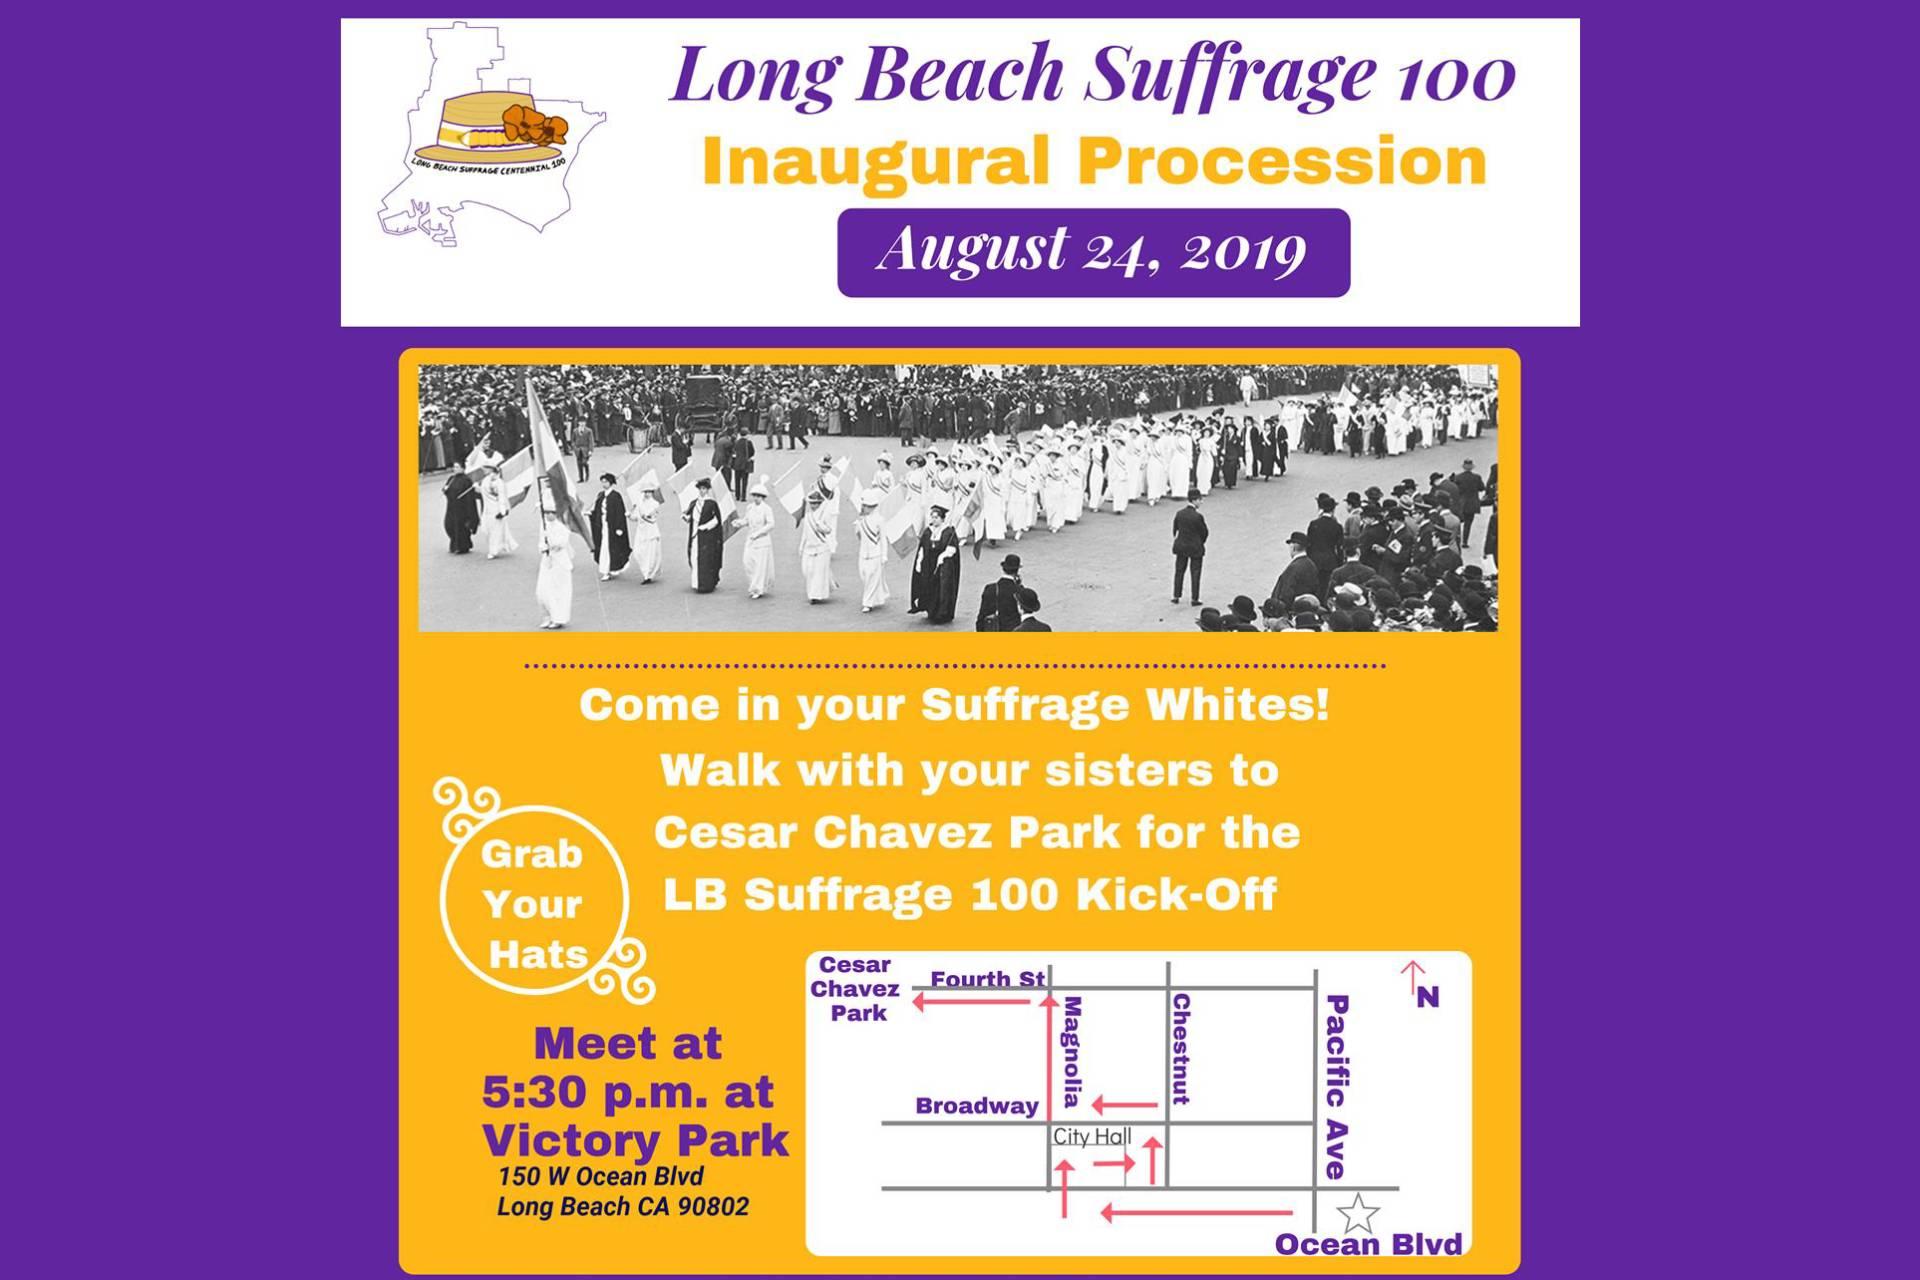 LB Suffrage 100 Inaugural Procession